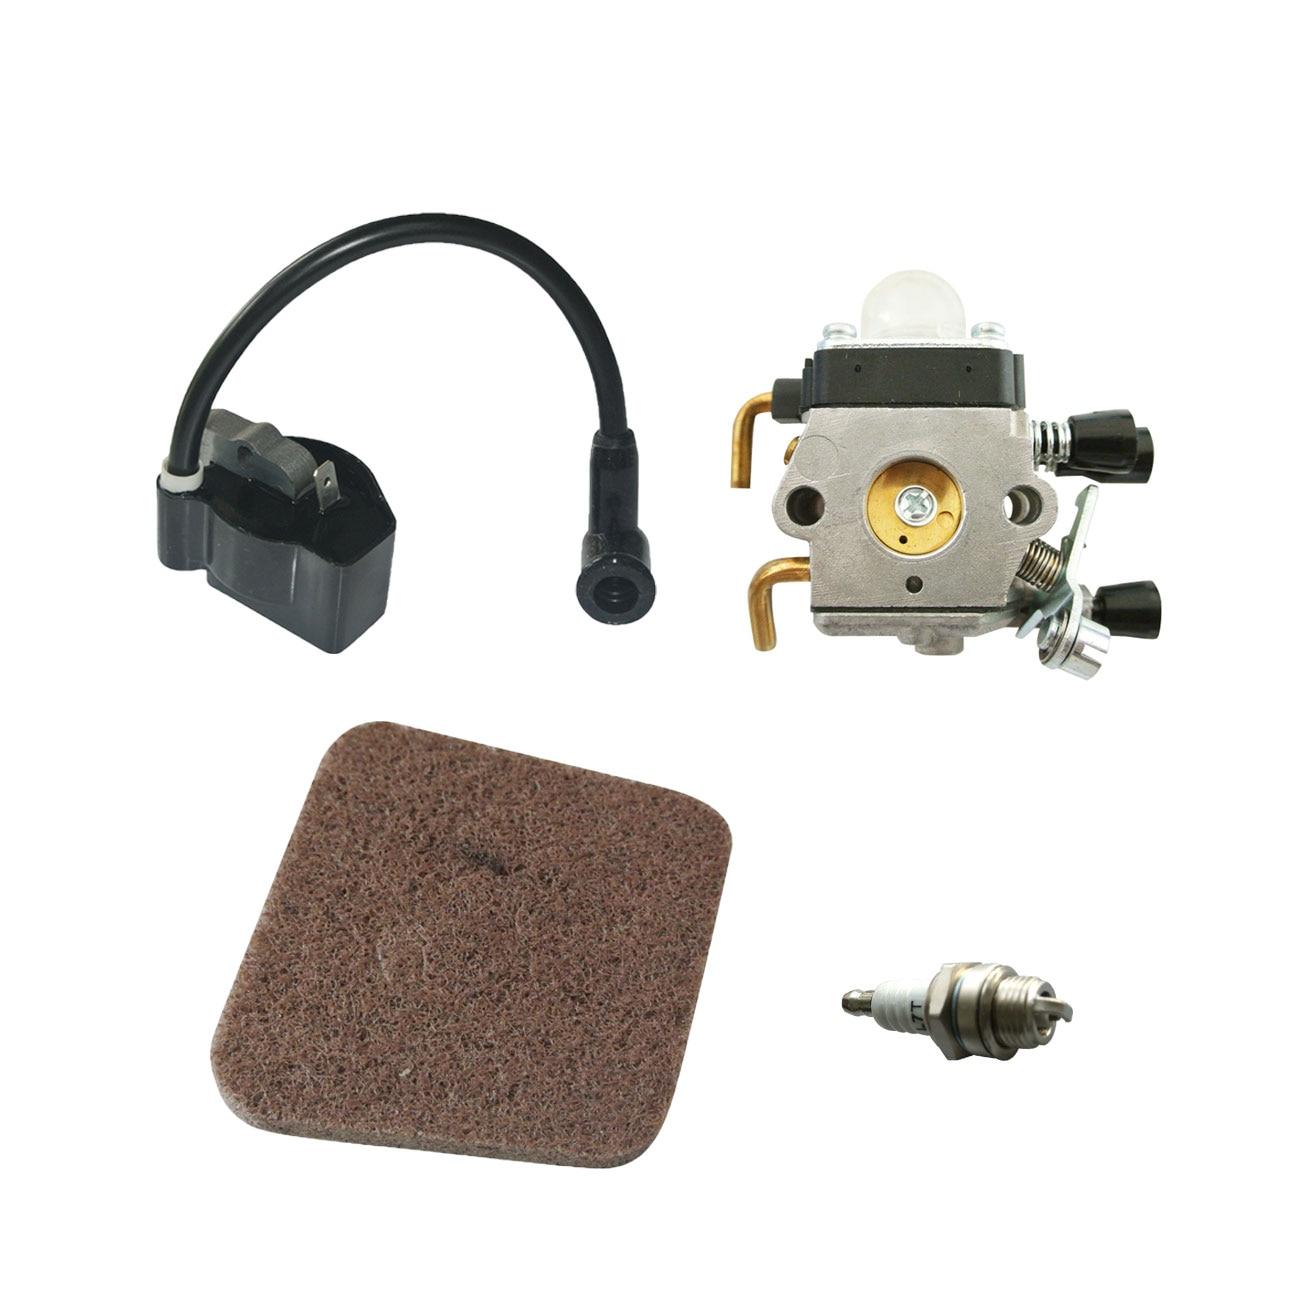 Carburetor Ignition Coil Spark Plug Air Filter For STIHL FS38 FS45 FS46 FS55 KM55 Brushcutter Trimmer цена